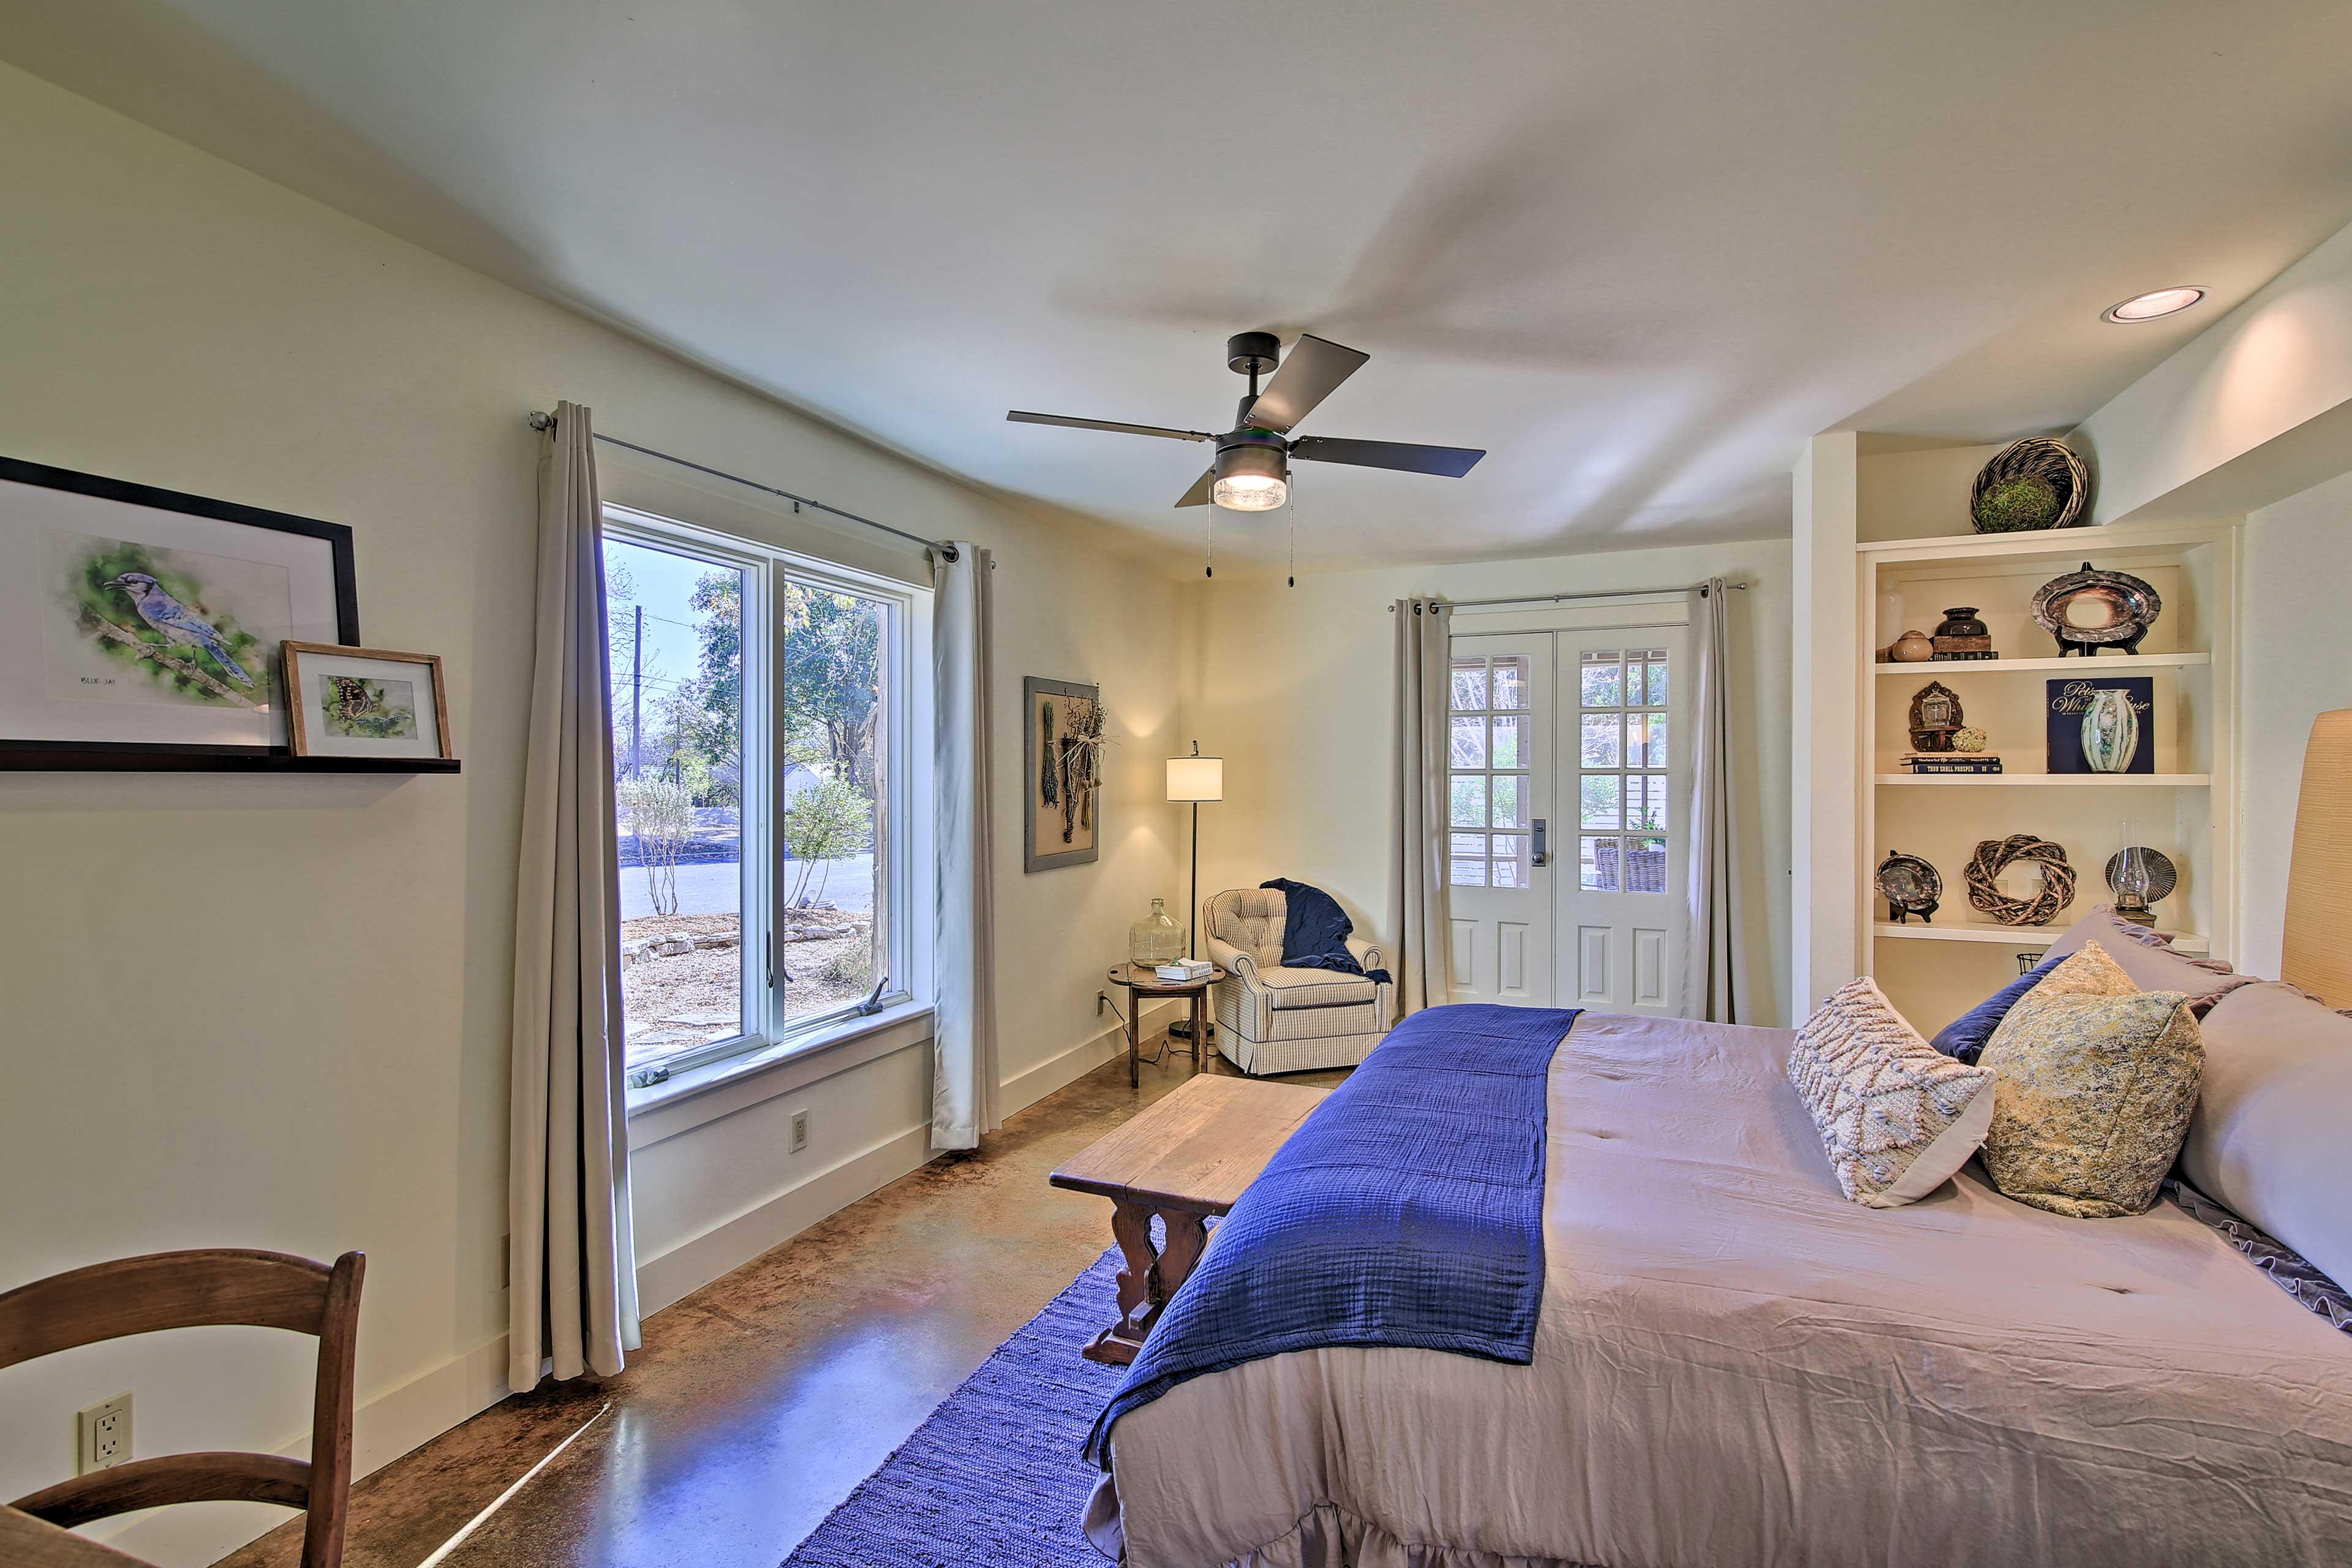 Bedroom 1 | Dressing Vanity | Access to Outdoor Patio